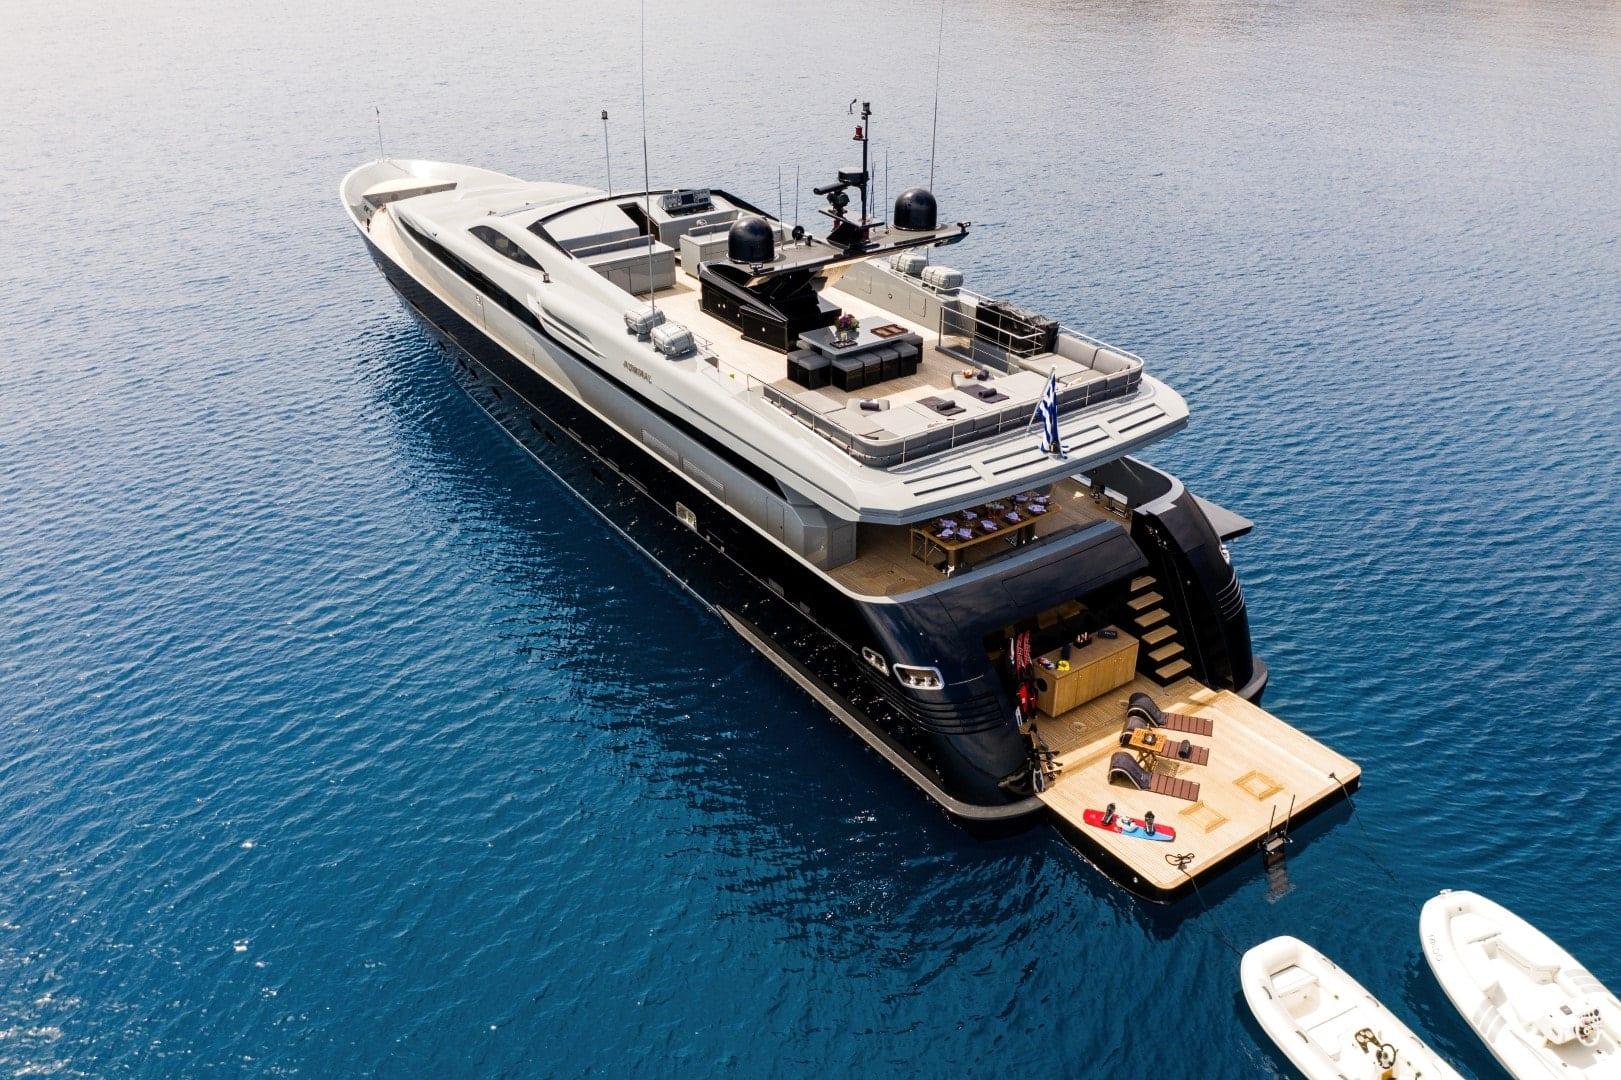 mado-motor-yacht-exterior-profiles (1)